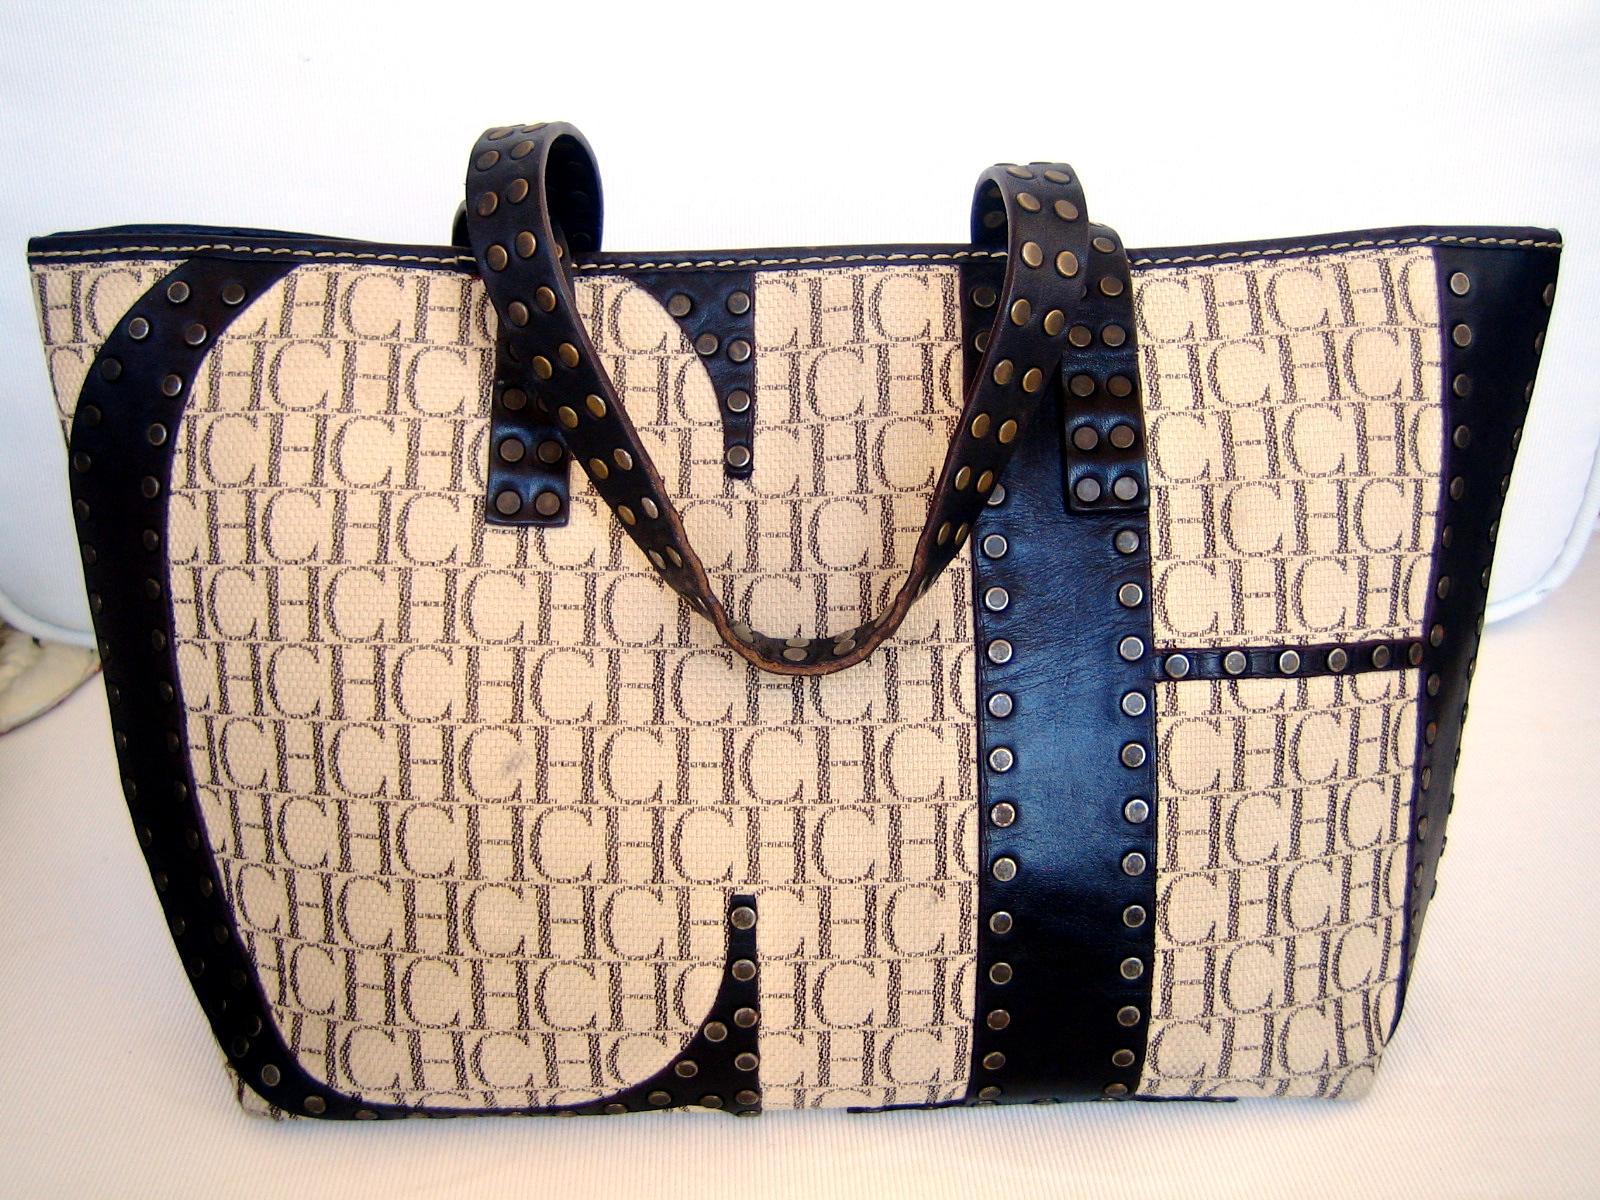 Half shopping así se denomina a este bolso de Carolina Herrera, todo un clásico de la firma, que lleva el logo de CH en piel con tachuelas;